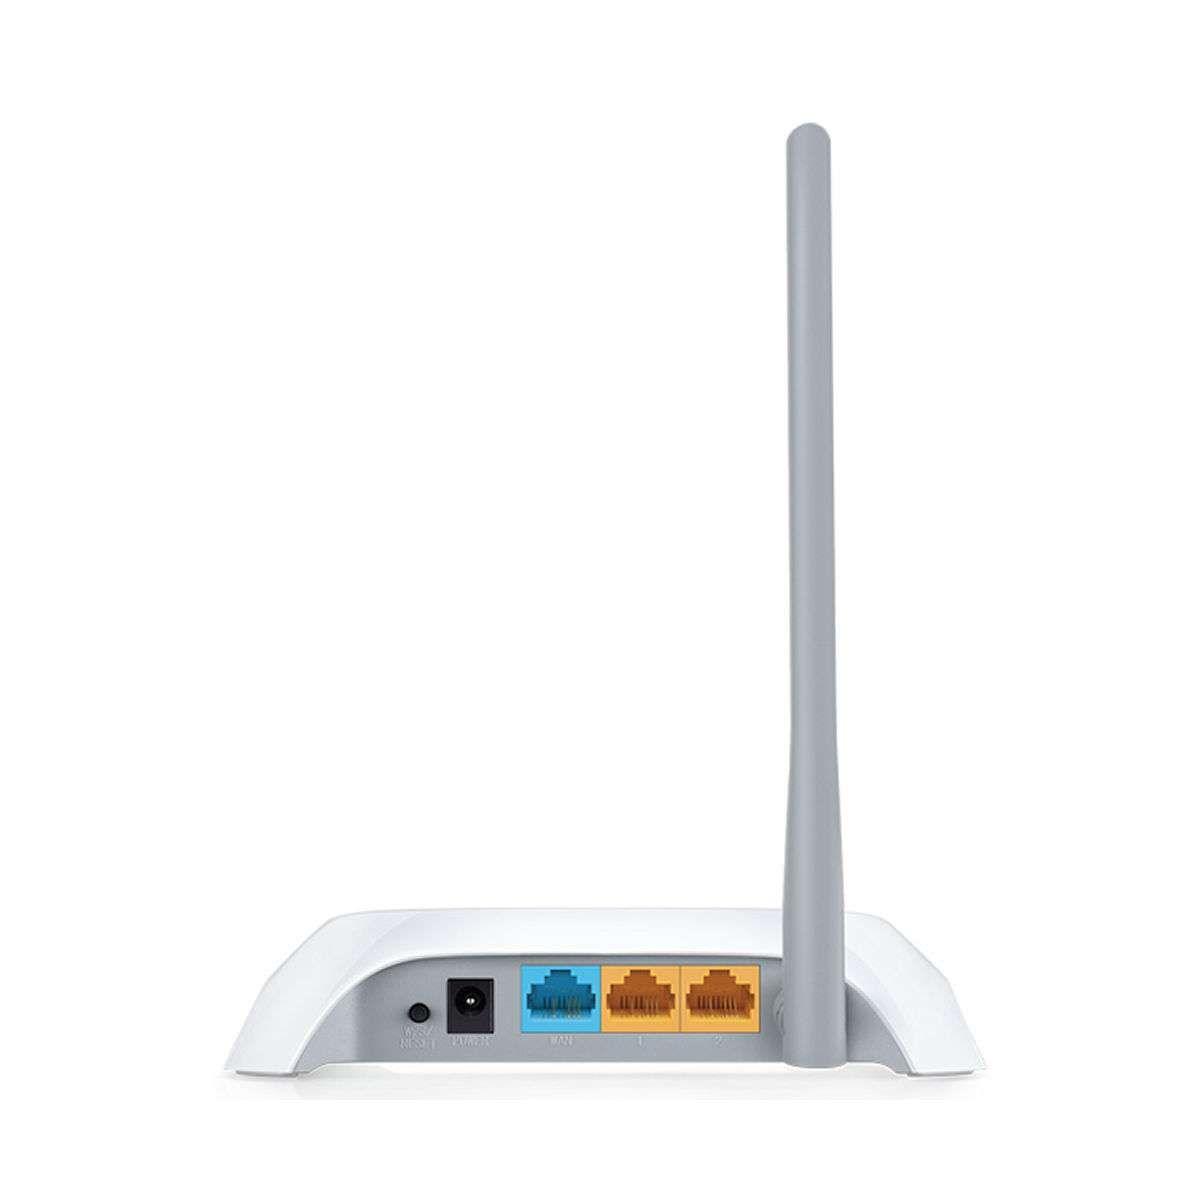 Roteador TP-LINK 150 Mbps com Antena TL-WR720N